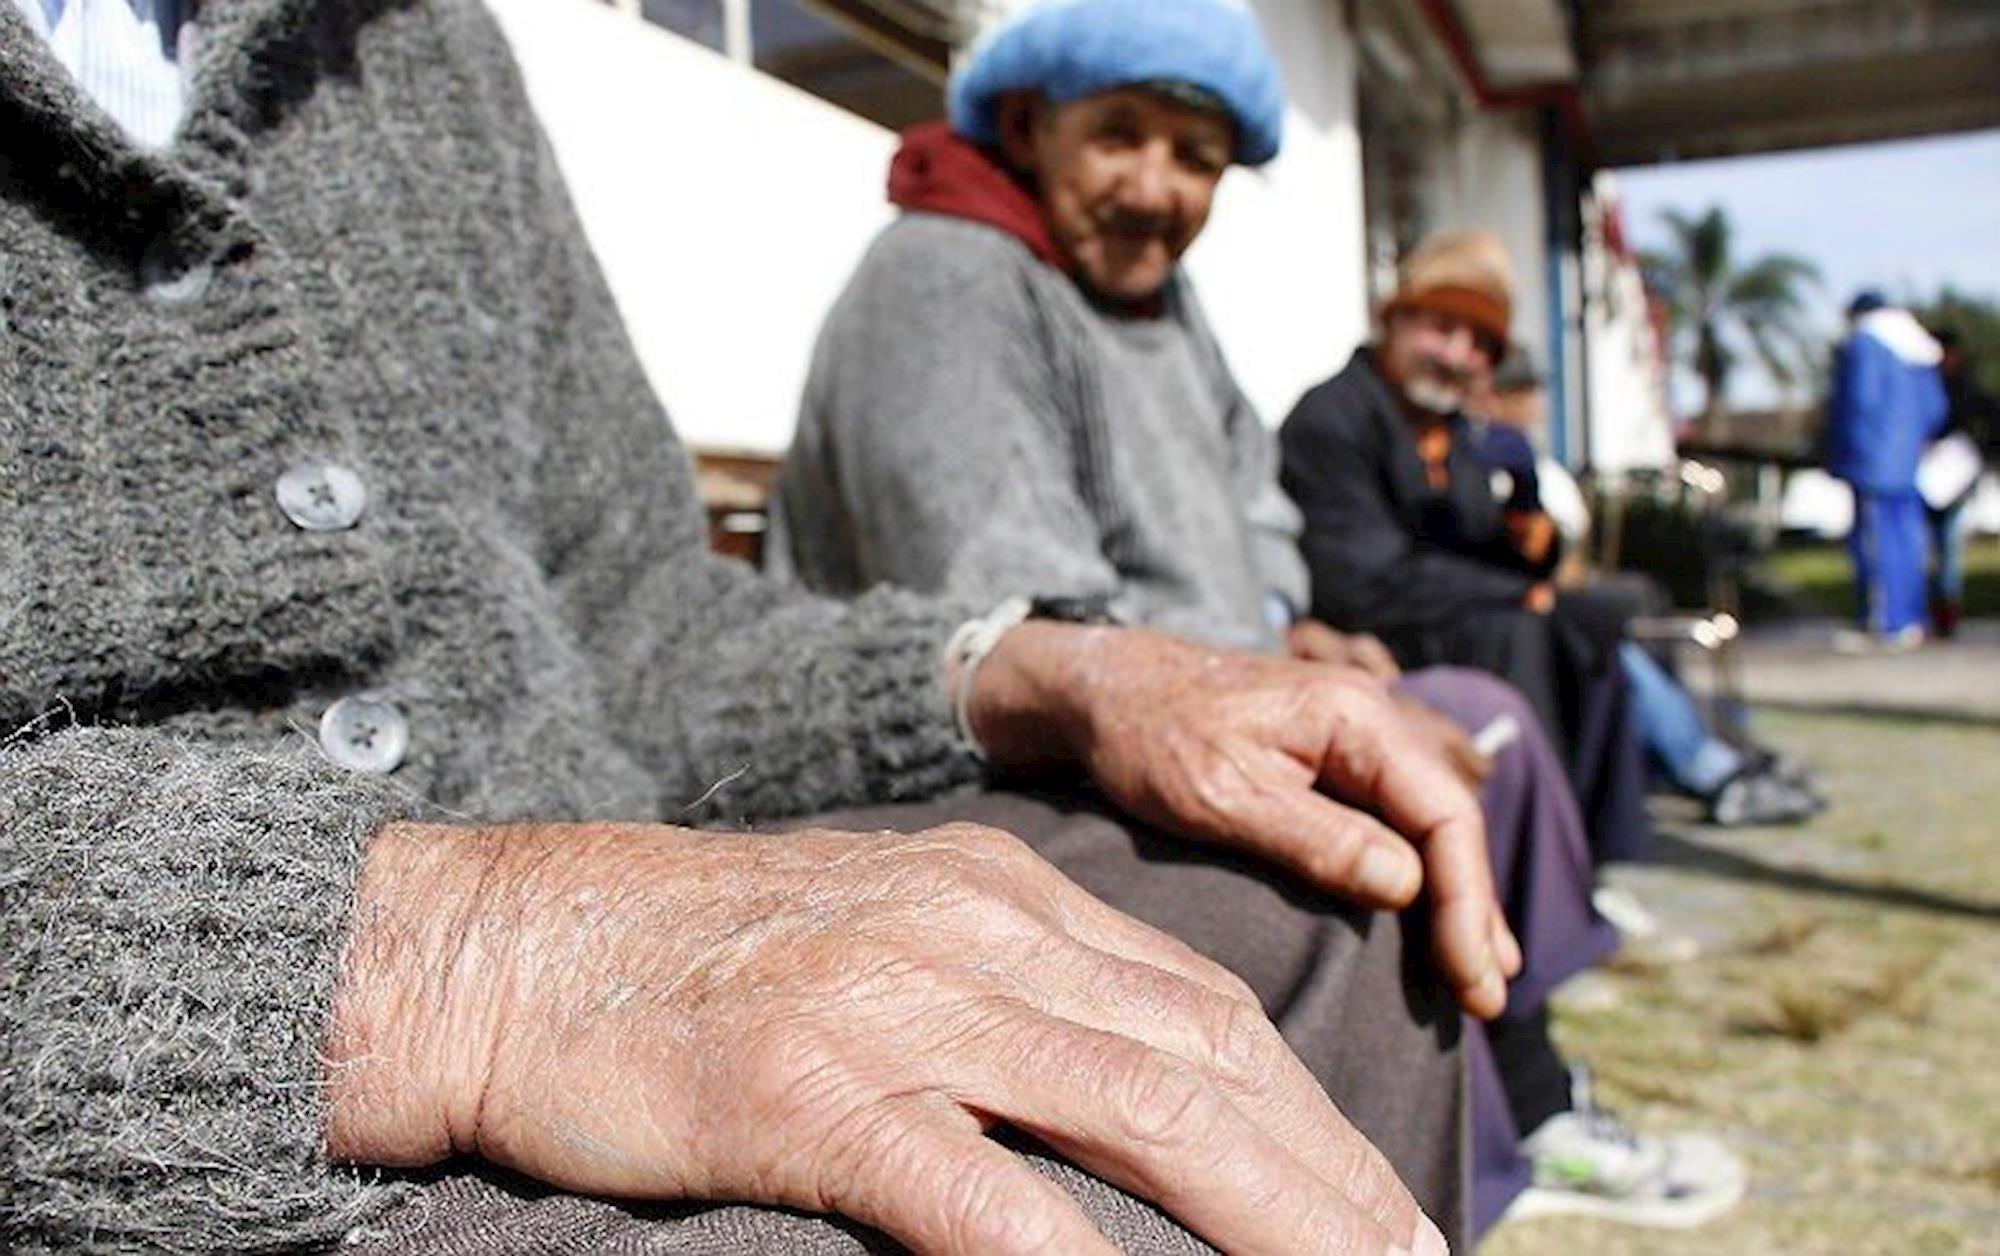 reforma, previdência, aposentadoria, idoso, ANPR/FOTOS PÚBLICAS